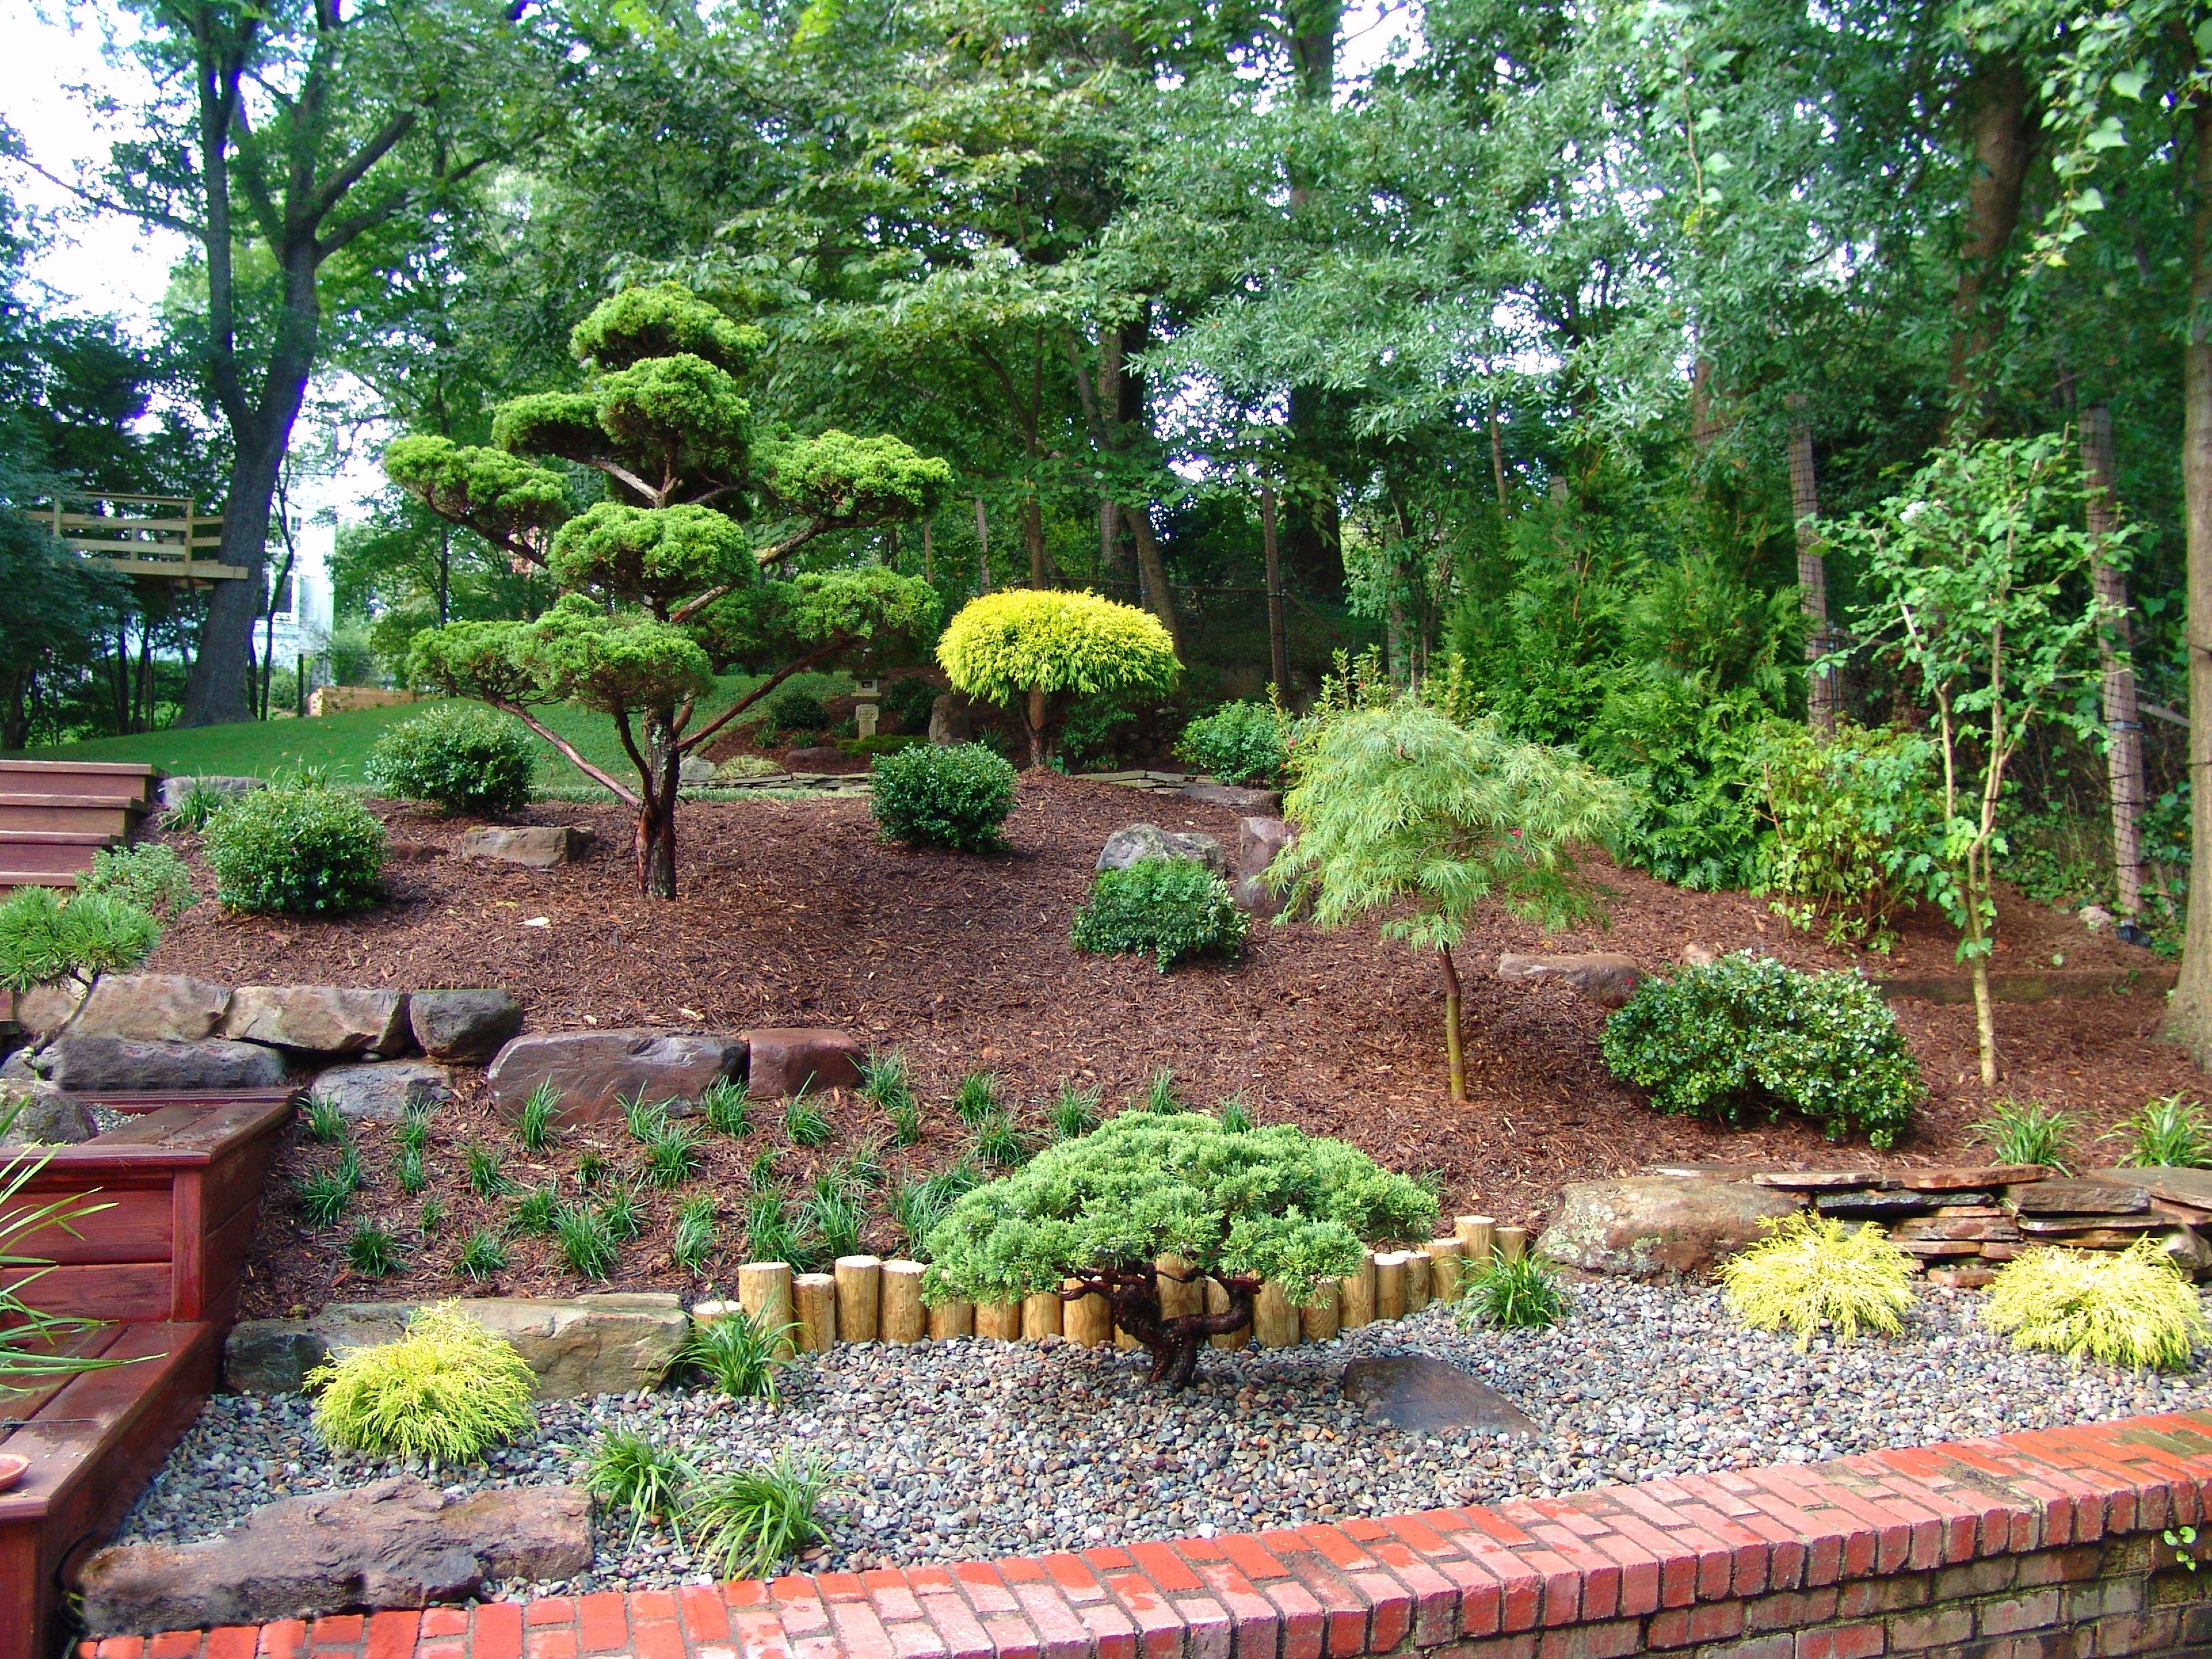 Japanese Garden Backyard Landscape Design By Lee S Oriental Landscape Art Asian Landscape Landscaping With Rocks Landscape Design